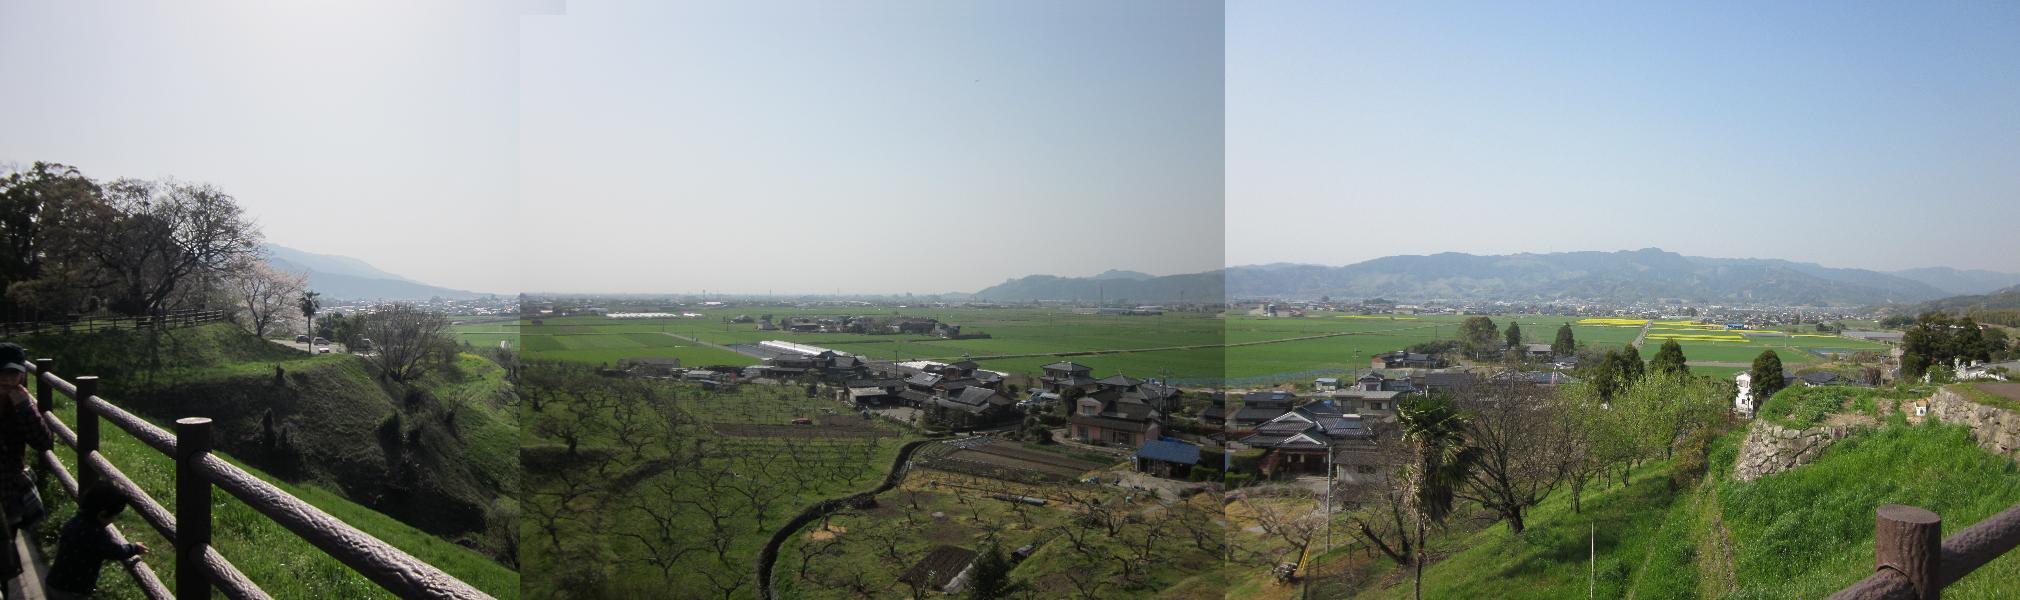 2011041003.jpg